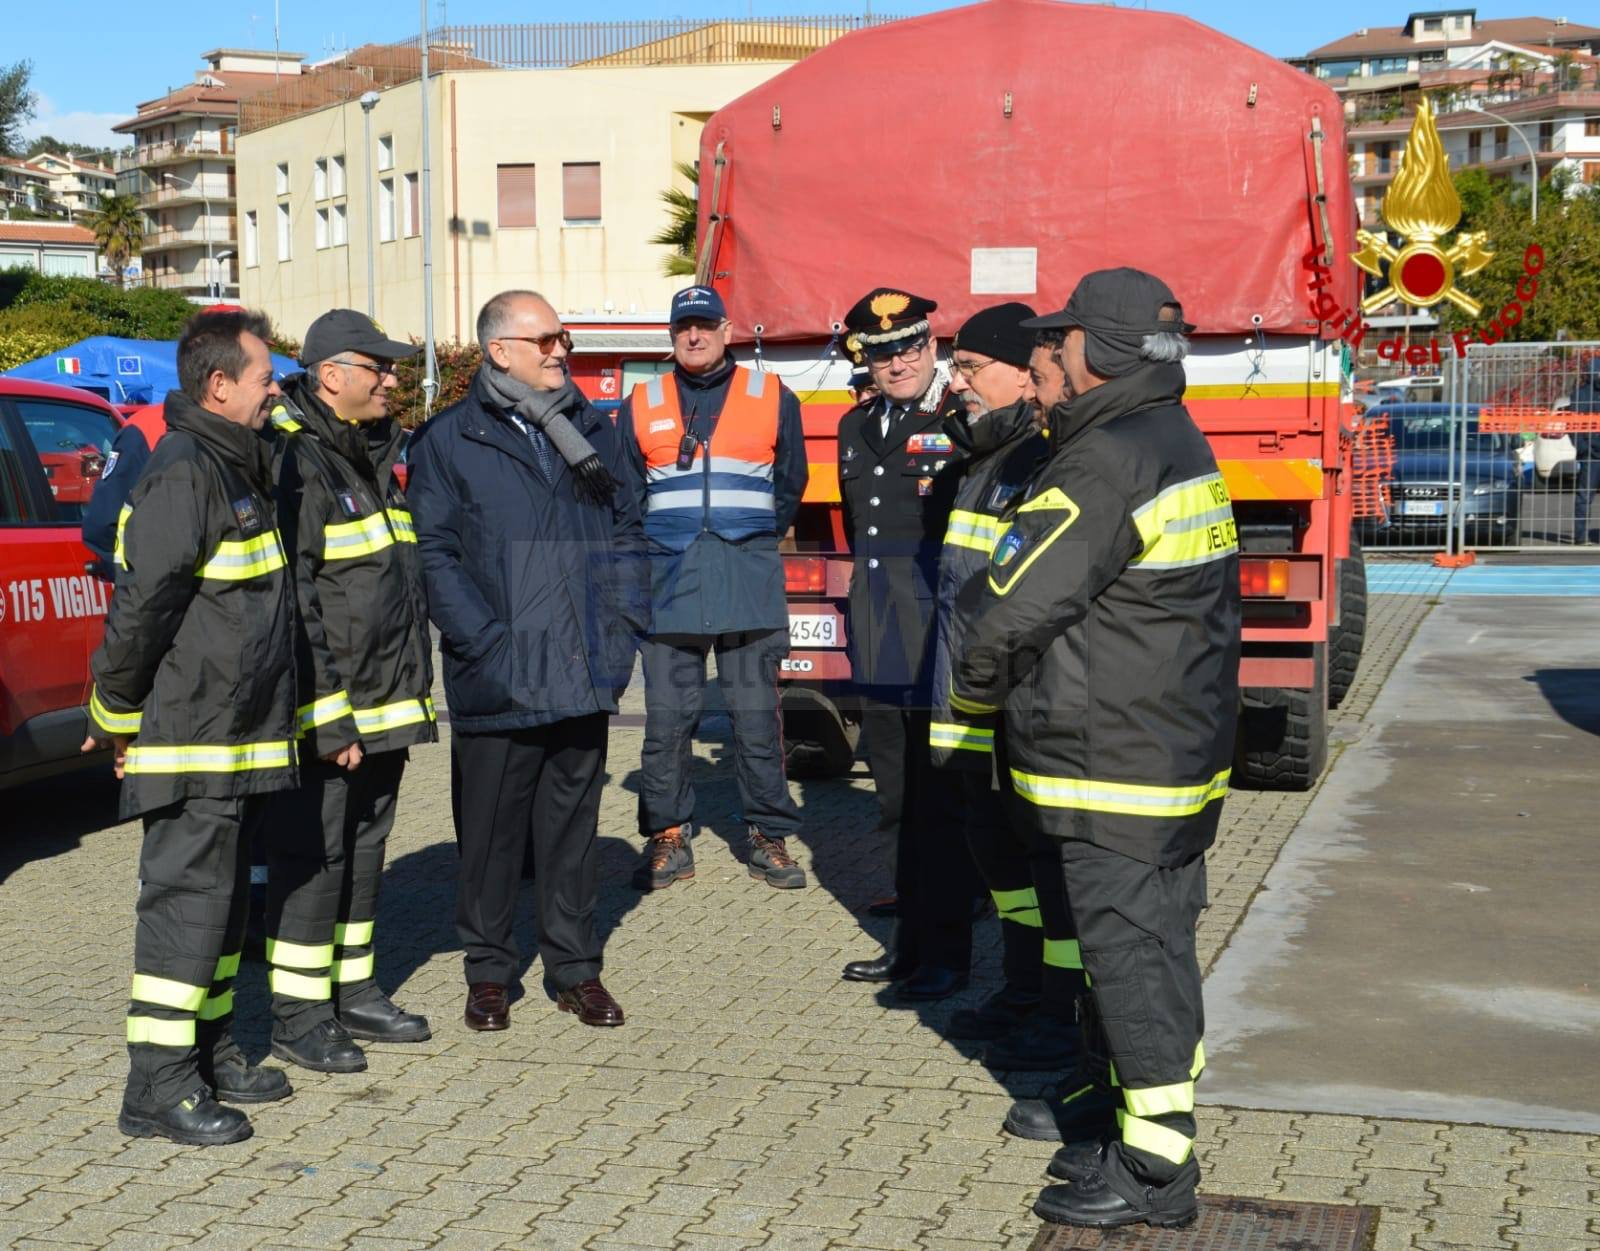 Le istituzioni visitano il Campo Base di Acireale dei Vigili del fuoco